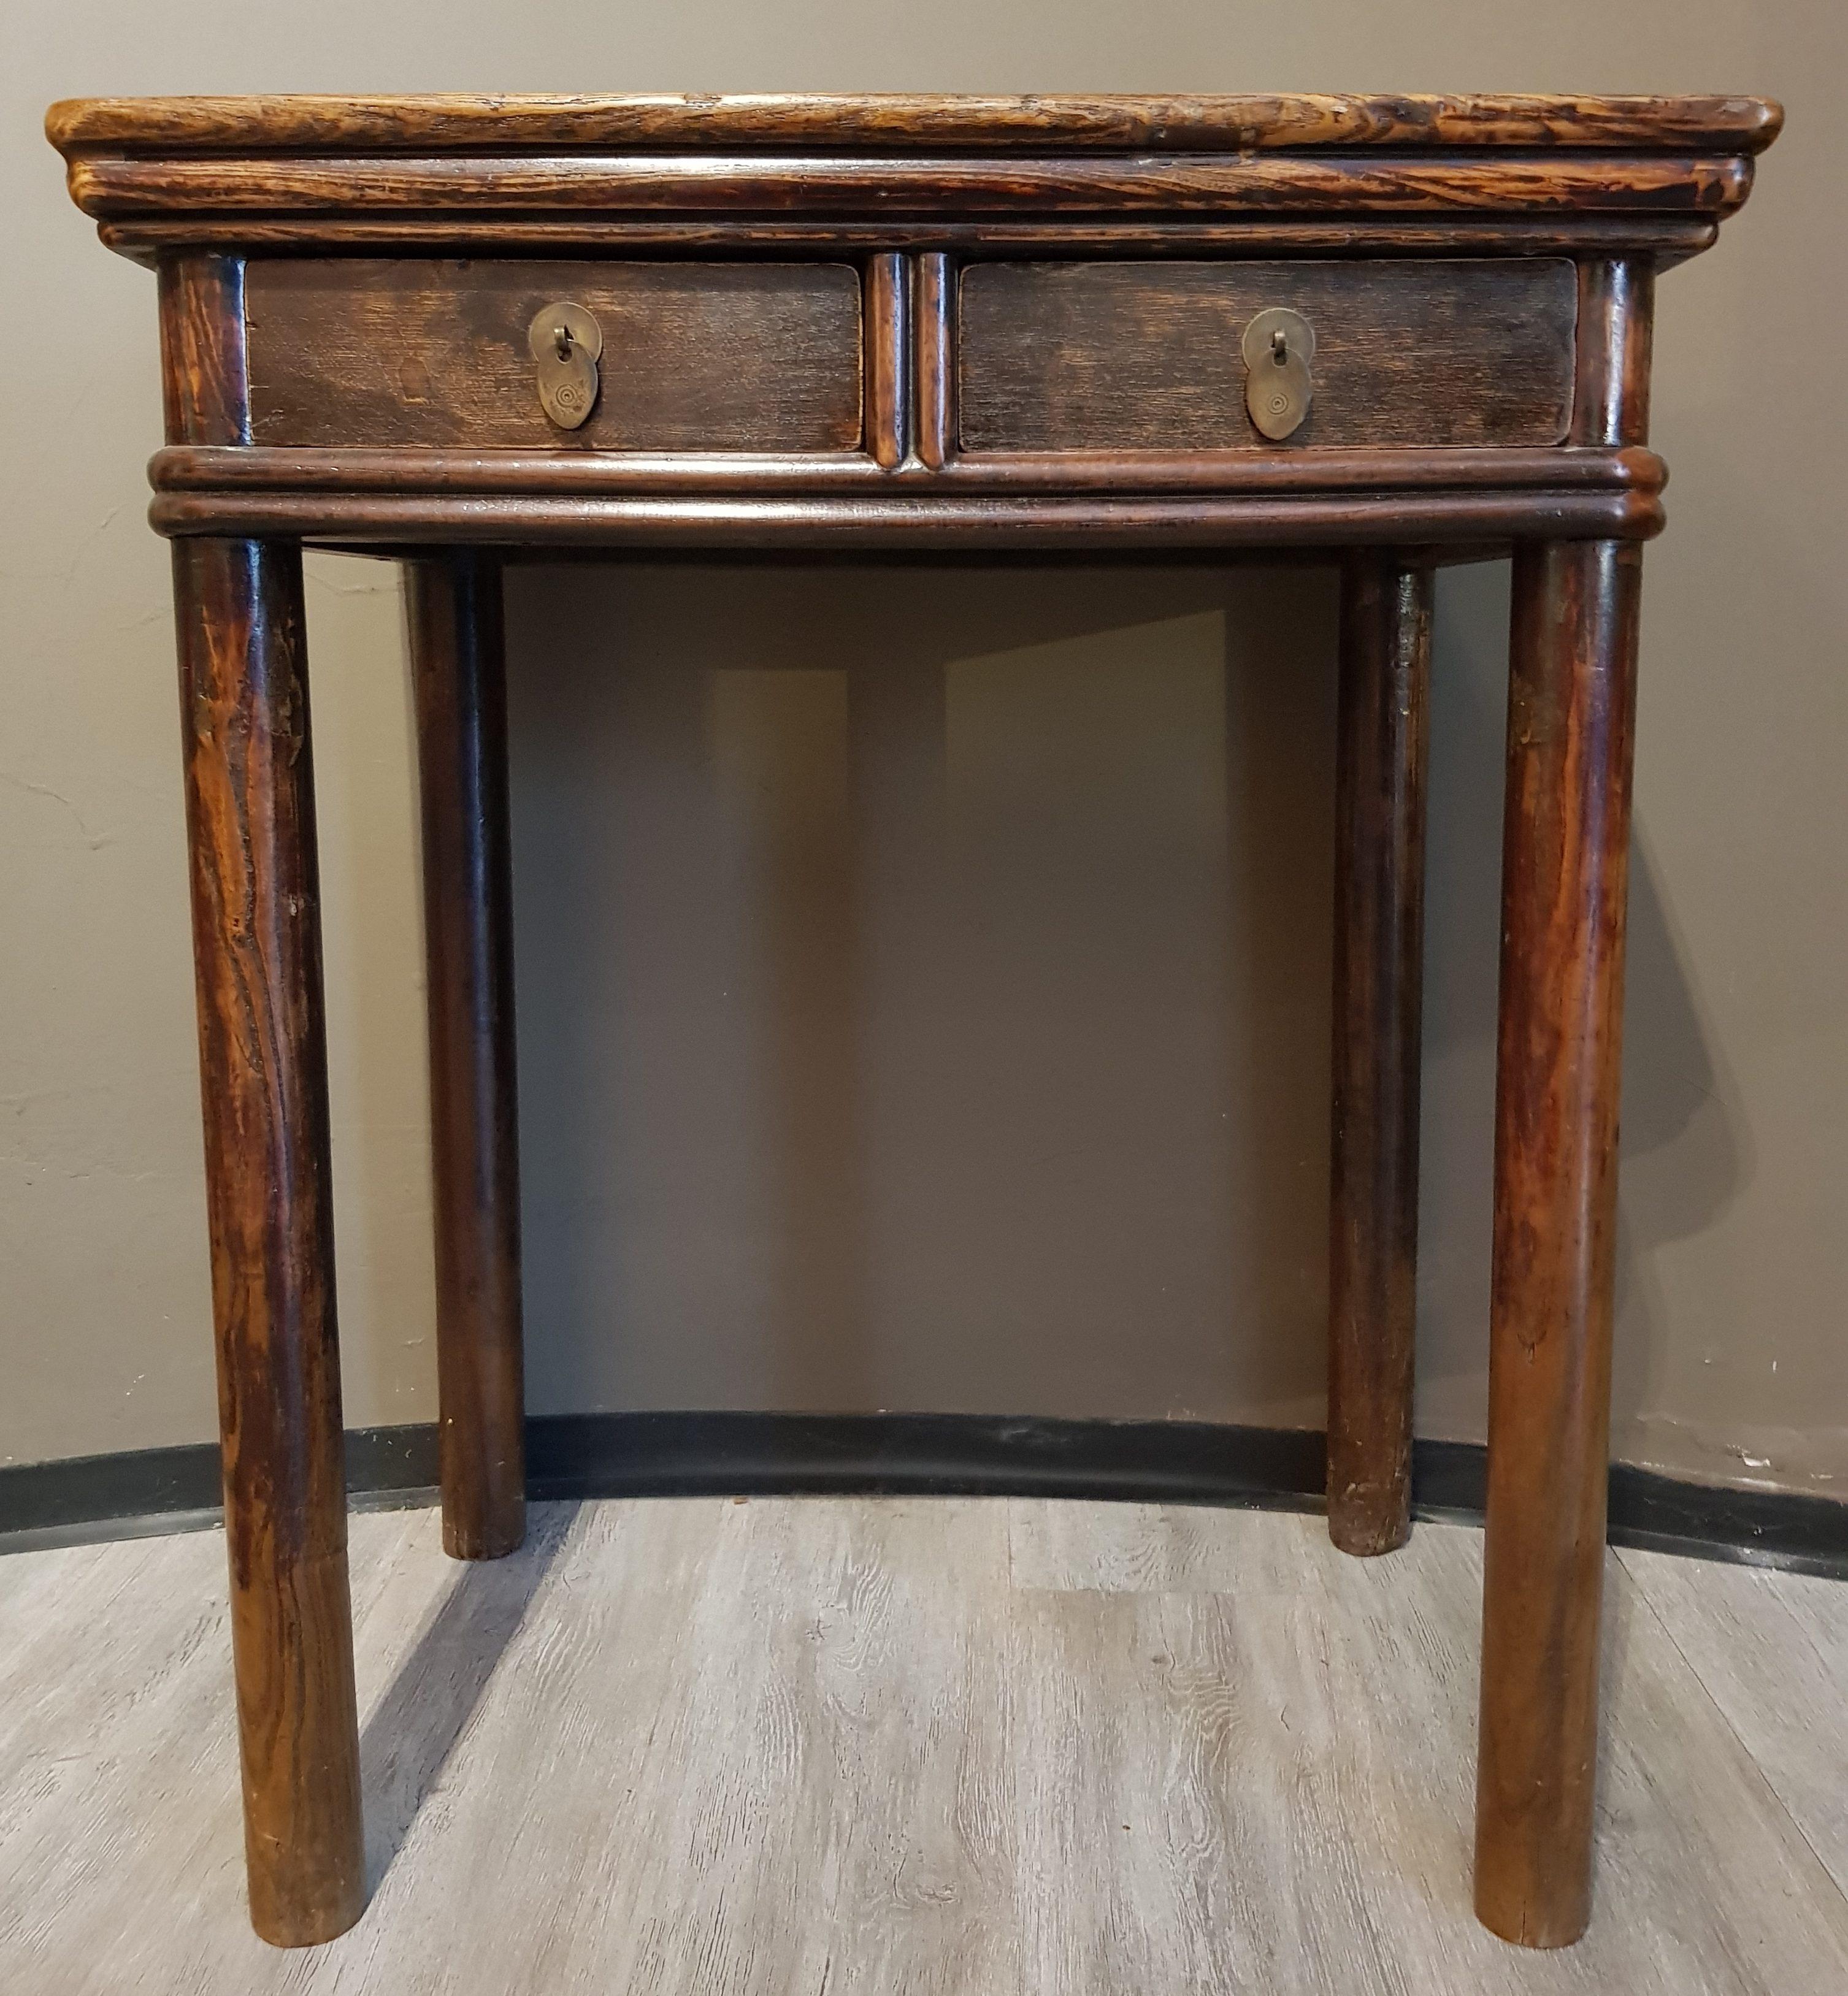 Chine - Petite table en bois de Yumu - 18/19ème - VENDU Image